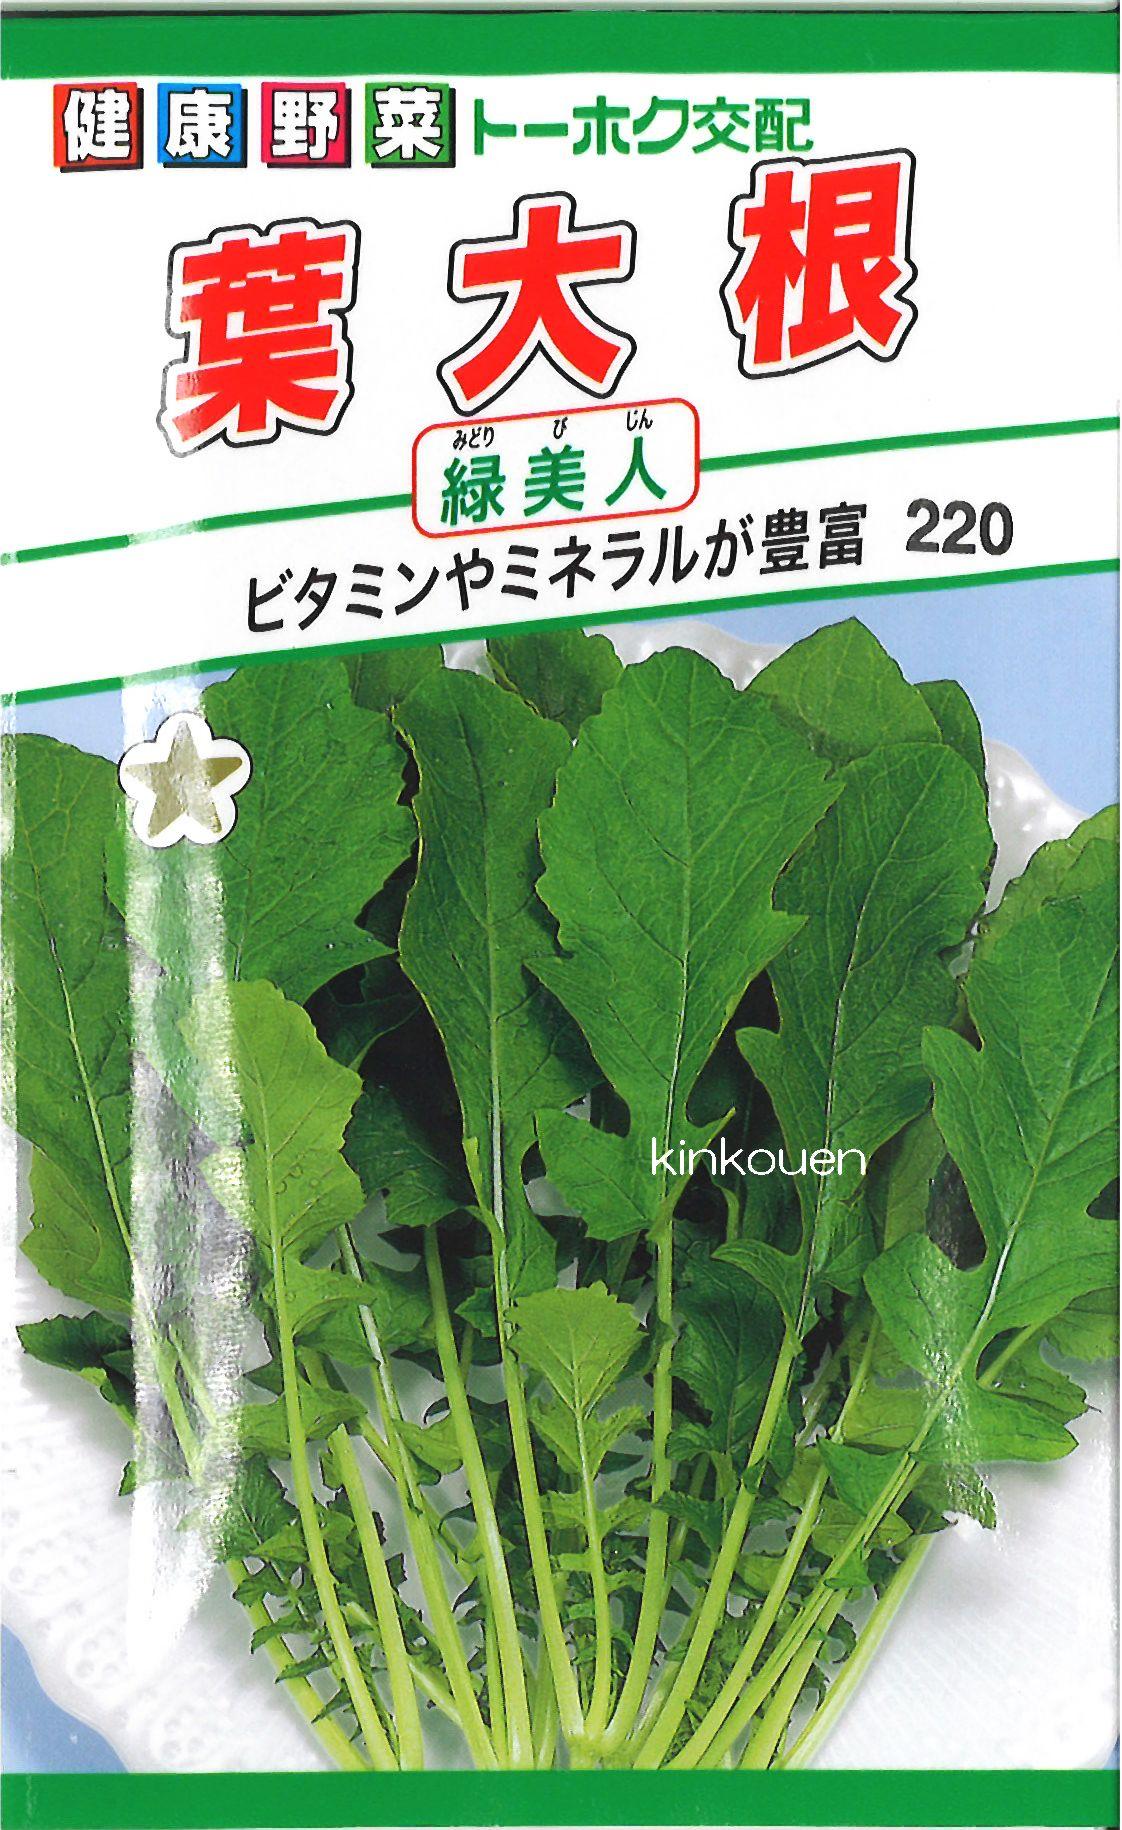 【代引不可】【5袋まで送料80円】 □葉大根緑美人